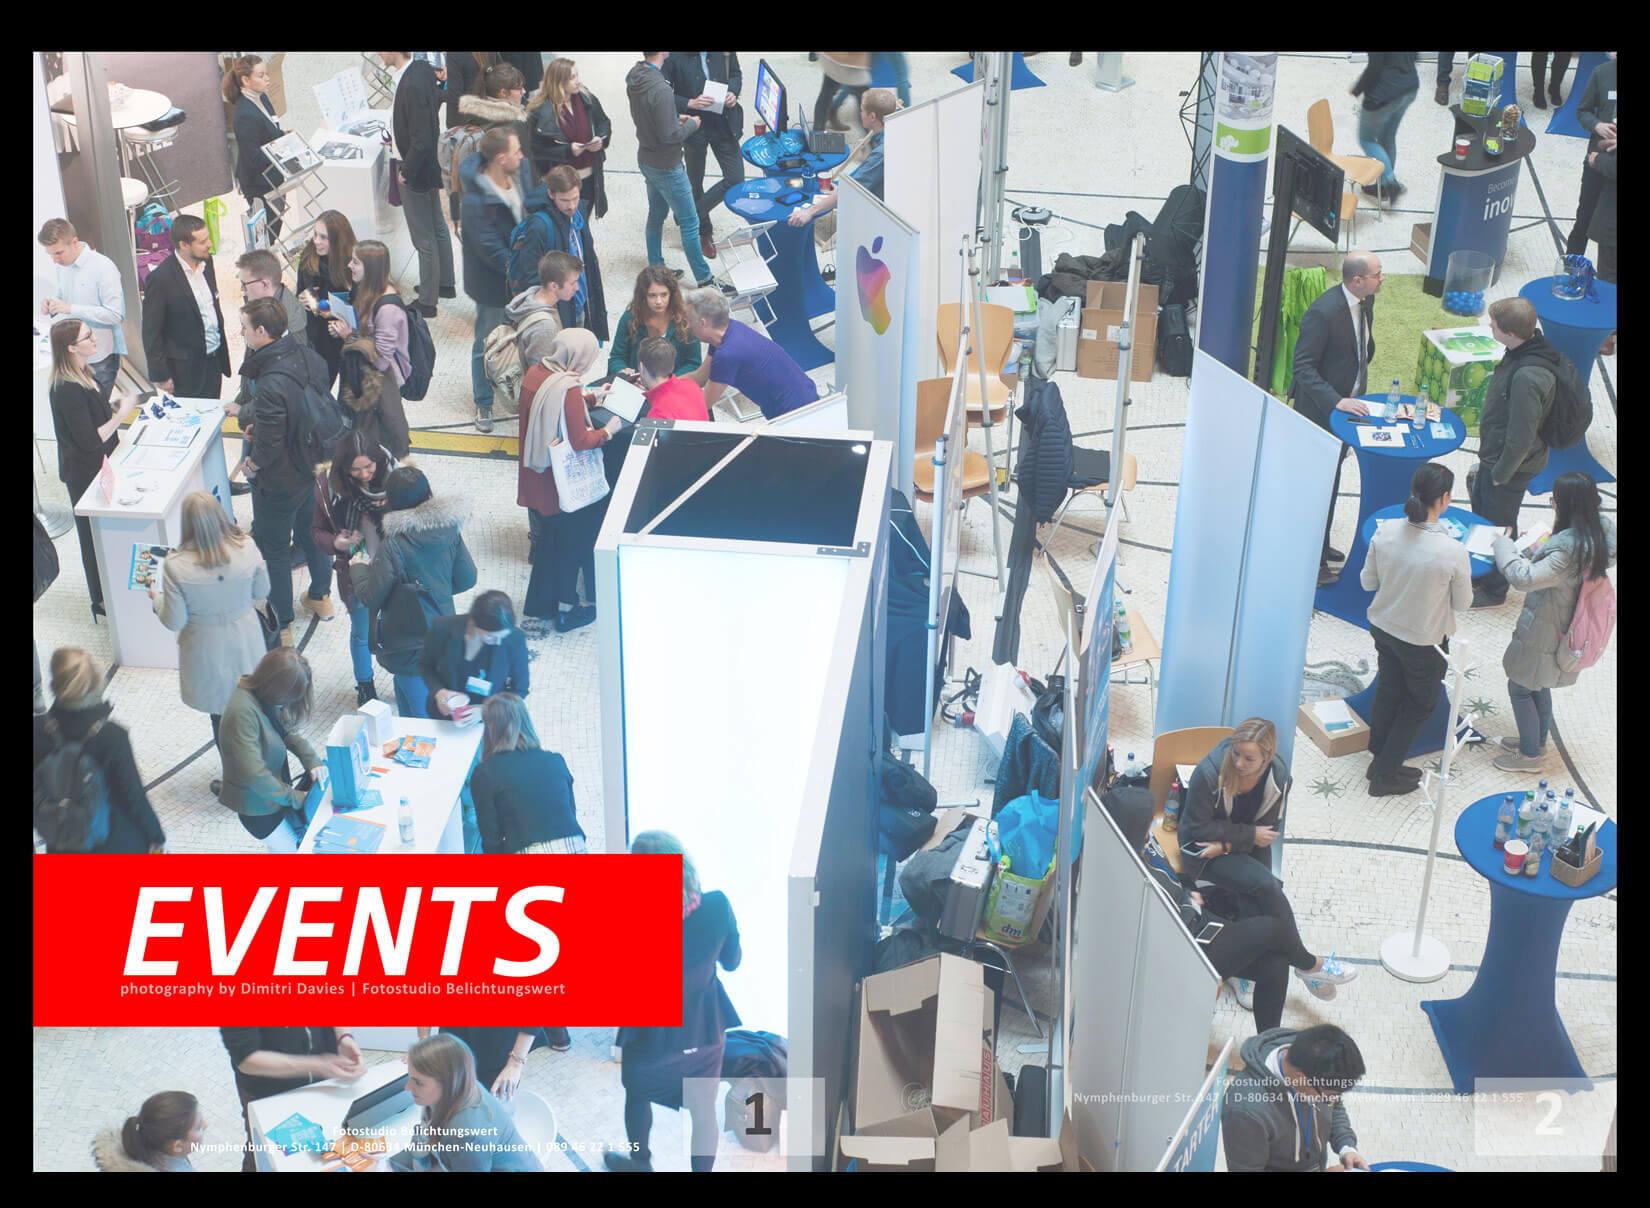 Eventfotografie München Saal mit Veranstaltung von oben fotografiert